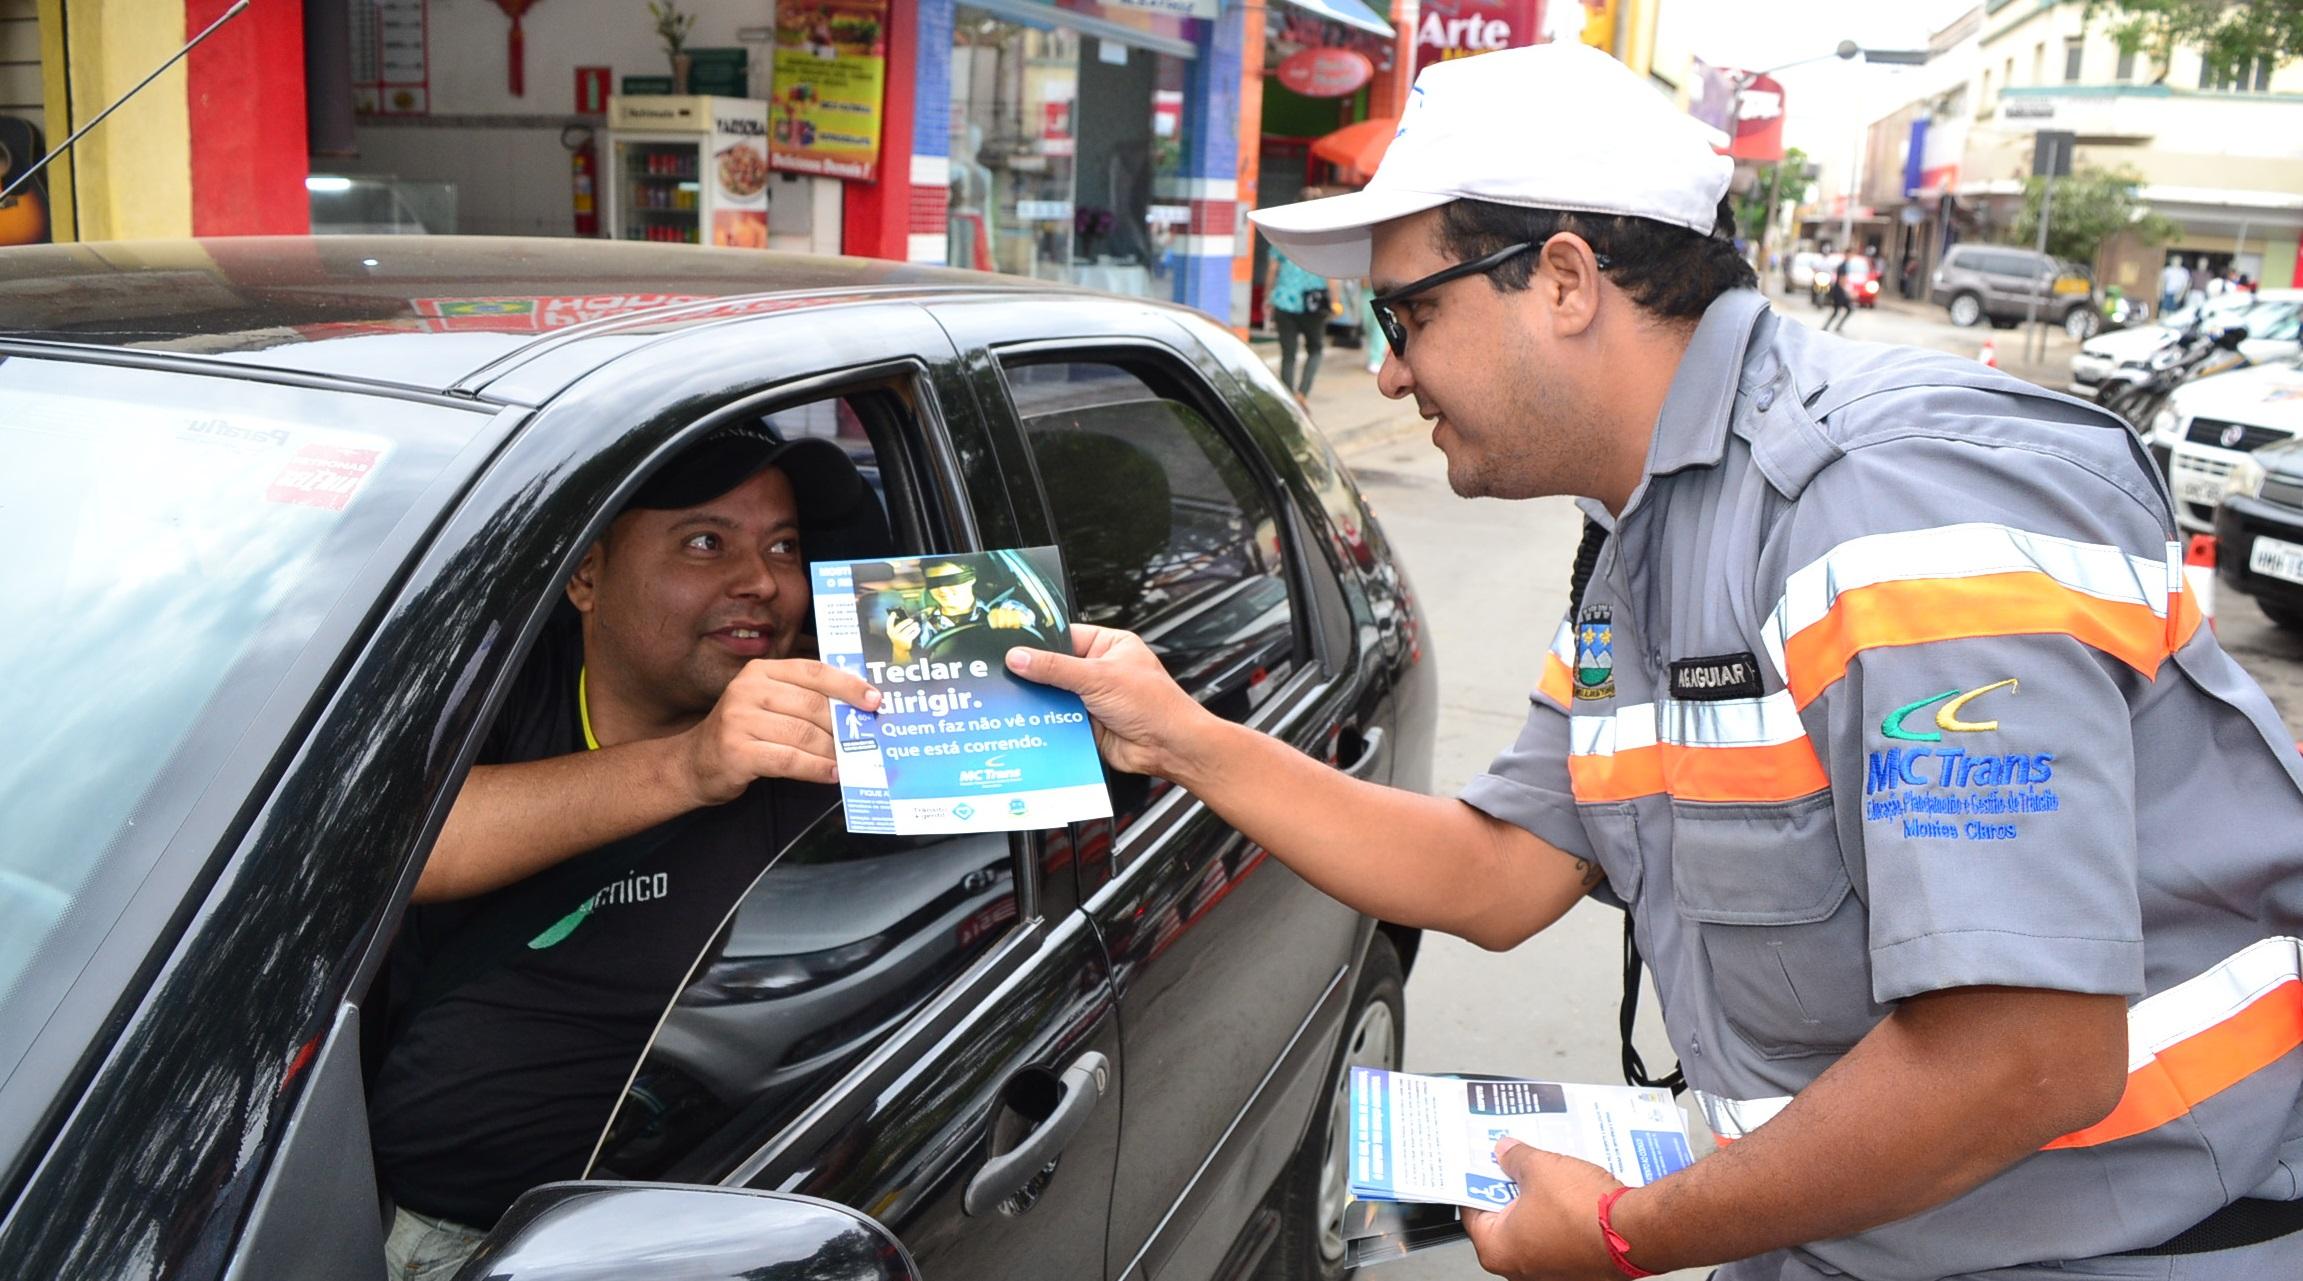 Imagem de destaque Semana Nacional do Trânsito  - Prefeitura promove ações por um trânsito mais humano